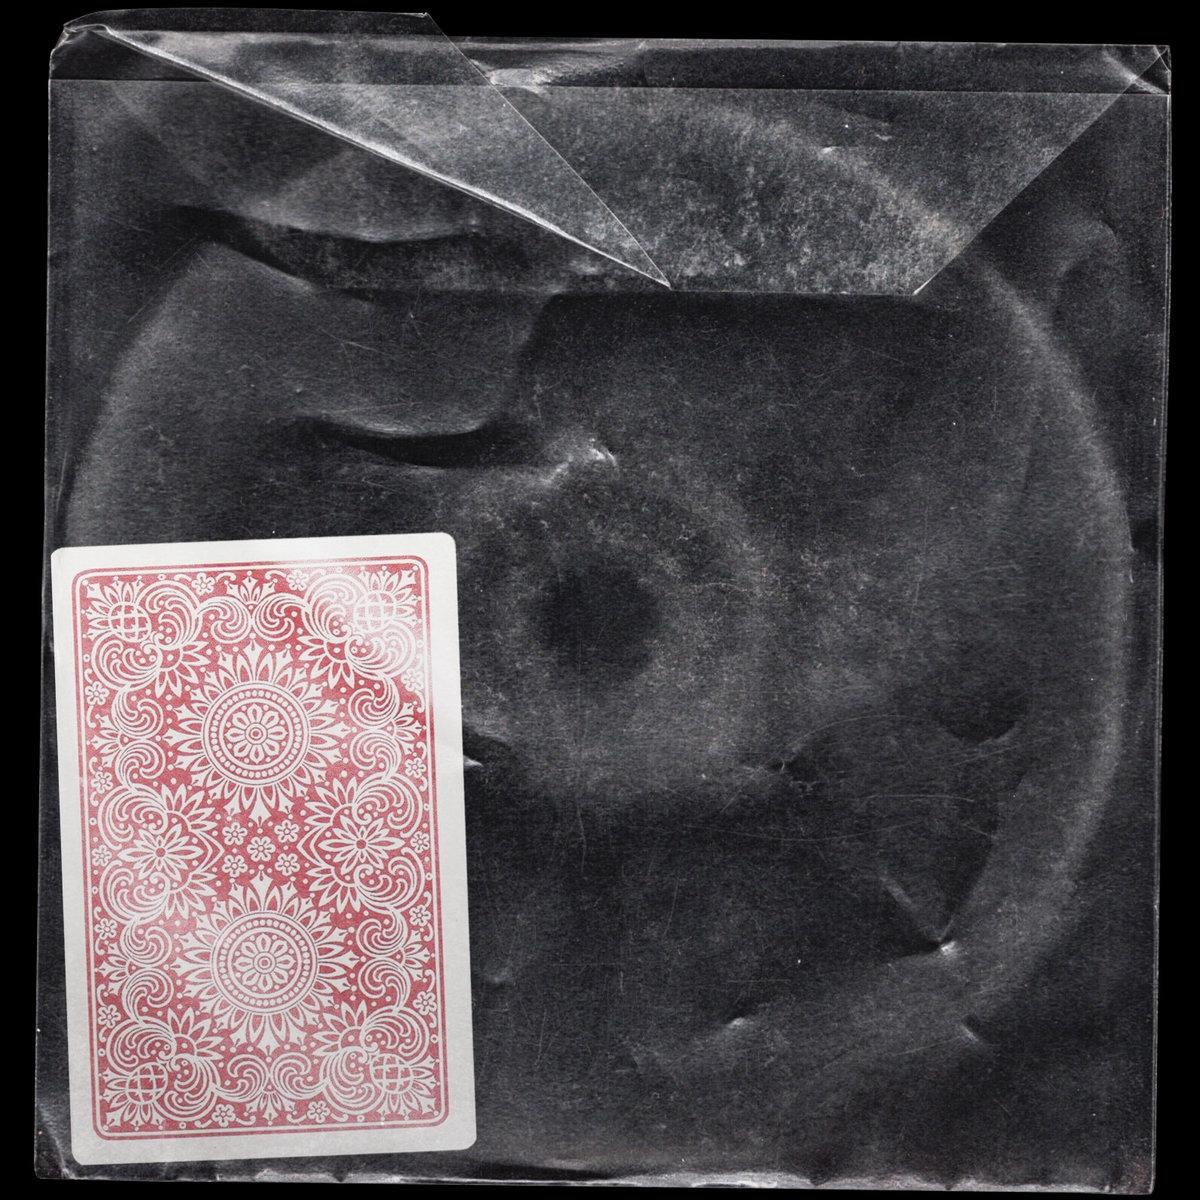 portada del album Gnosis